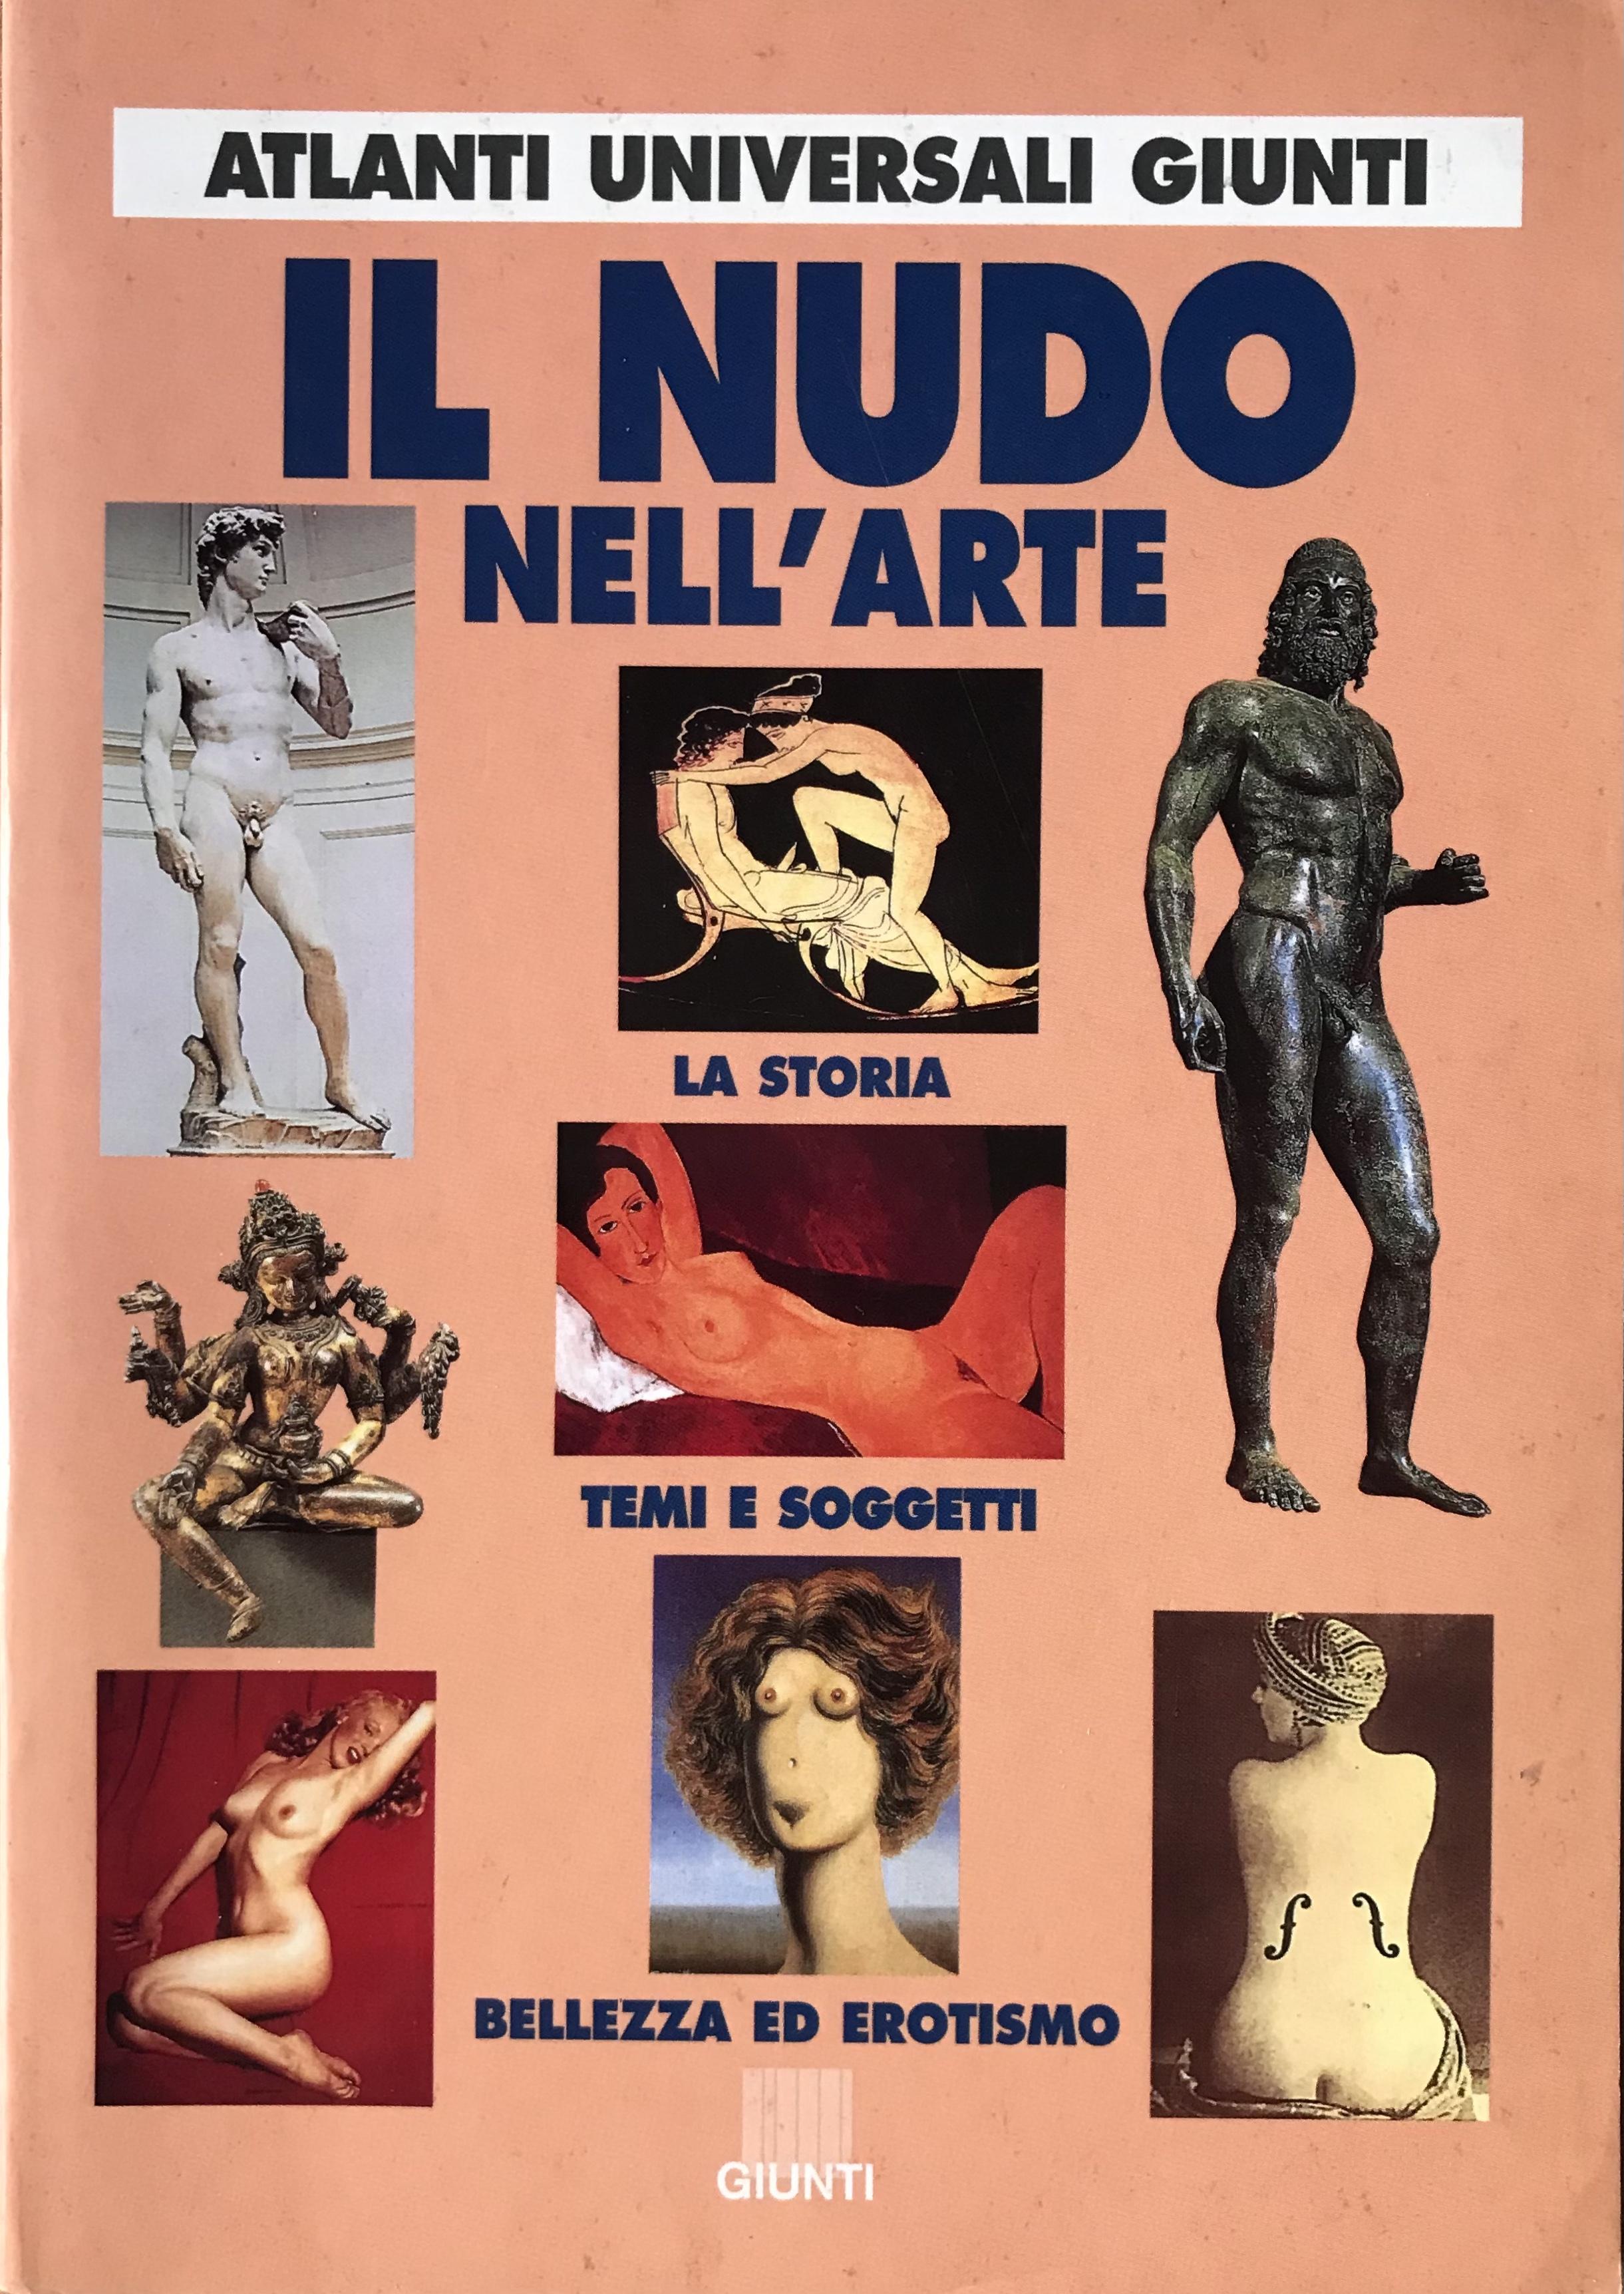 Il nudo nell'arte